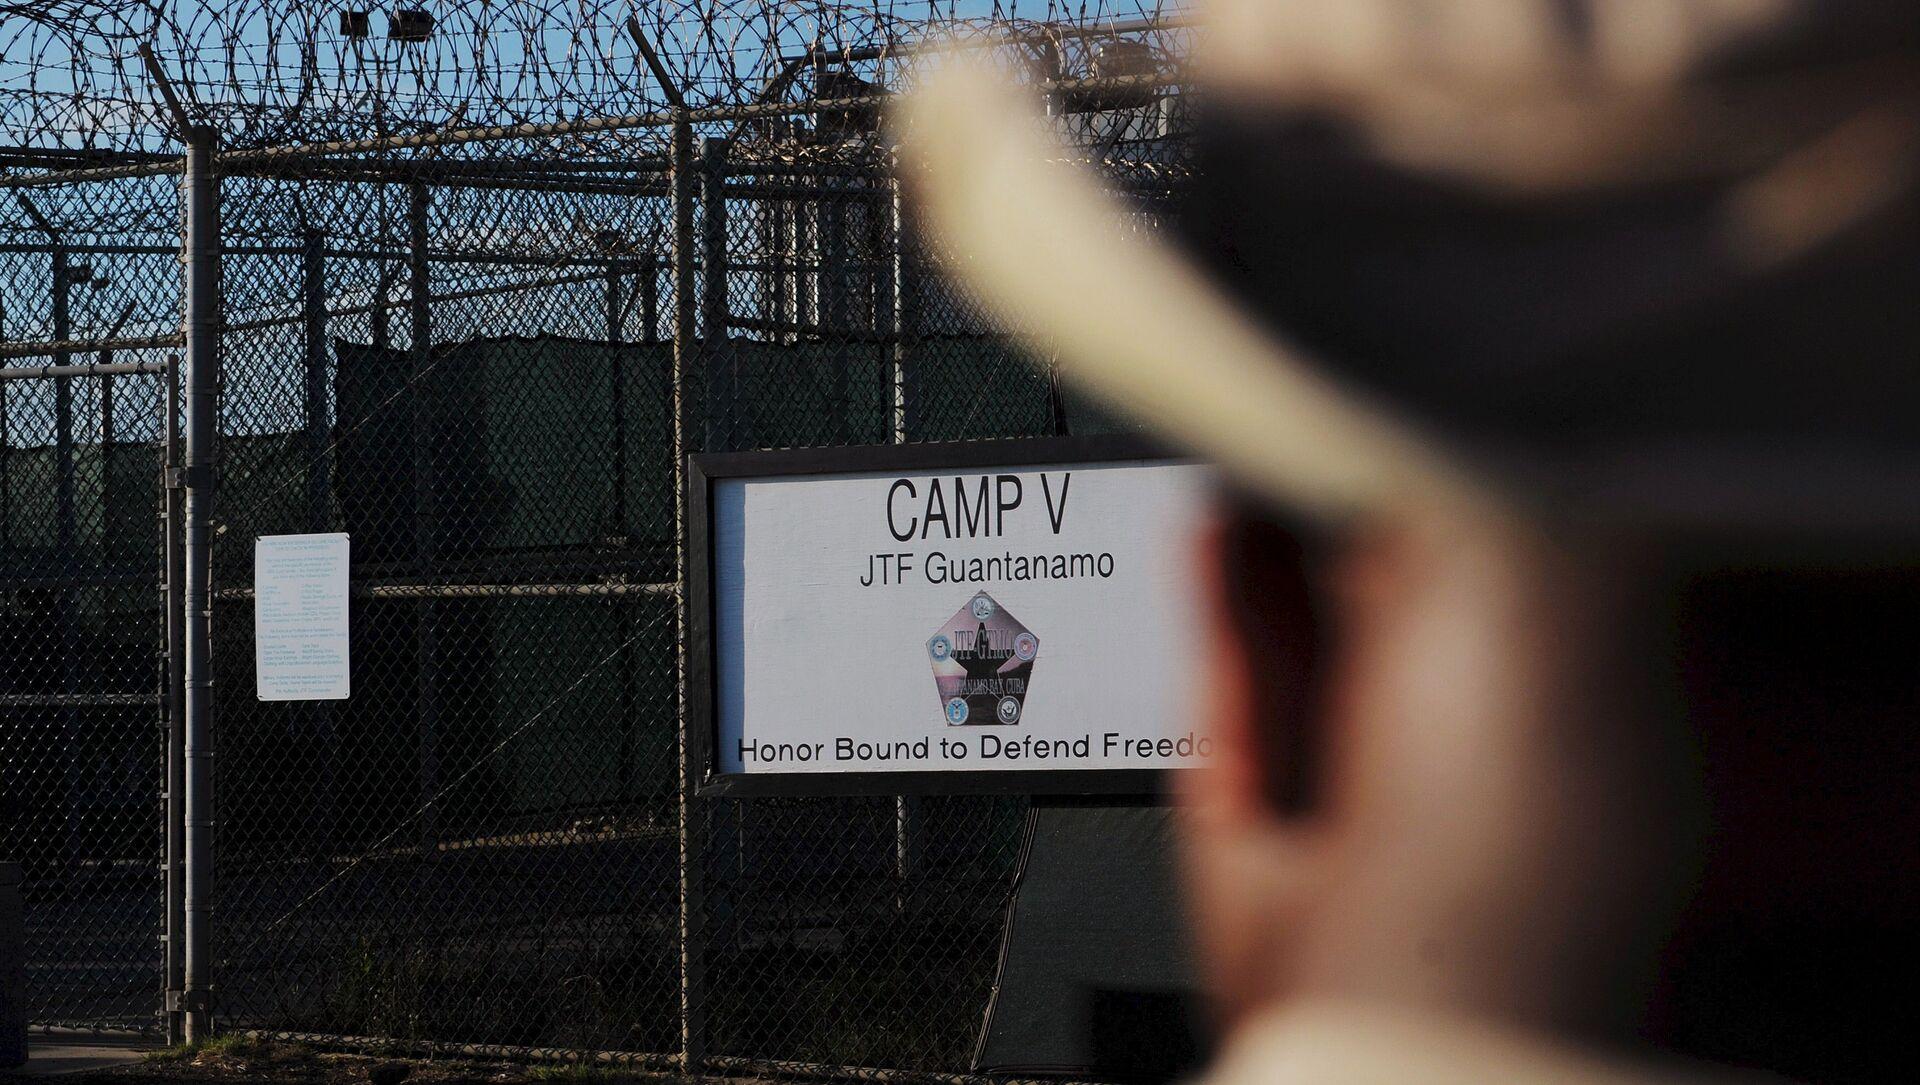 L'extérieur du centre de détention Camp Five est visible à la station navale américaine de Guantanamo Bay le 10 décembre 2008 sur cette image de pool revue par l'armée américaine. - Sputnik France, 1920, 09.09.2021